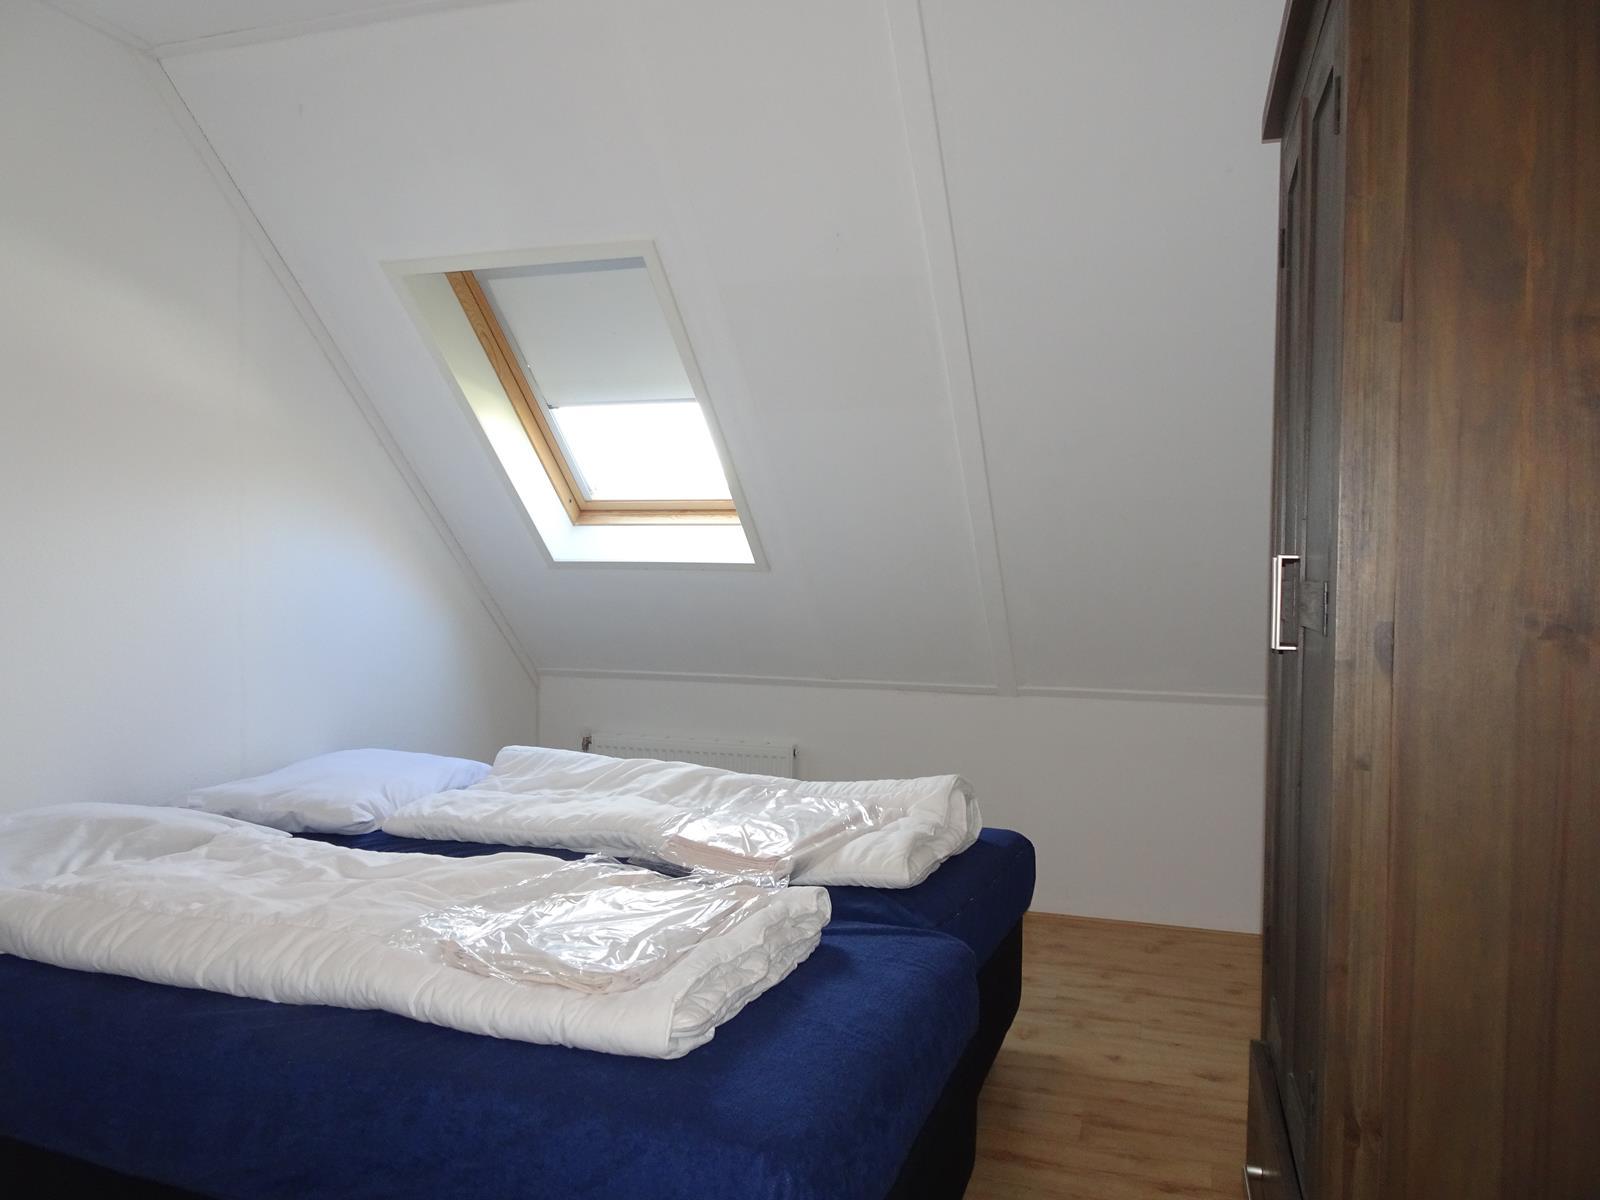 Vakantiehuis te koop Susteren K800 001.jpg